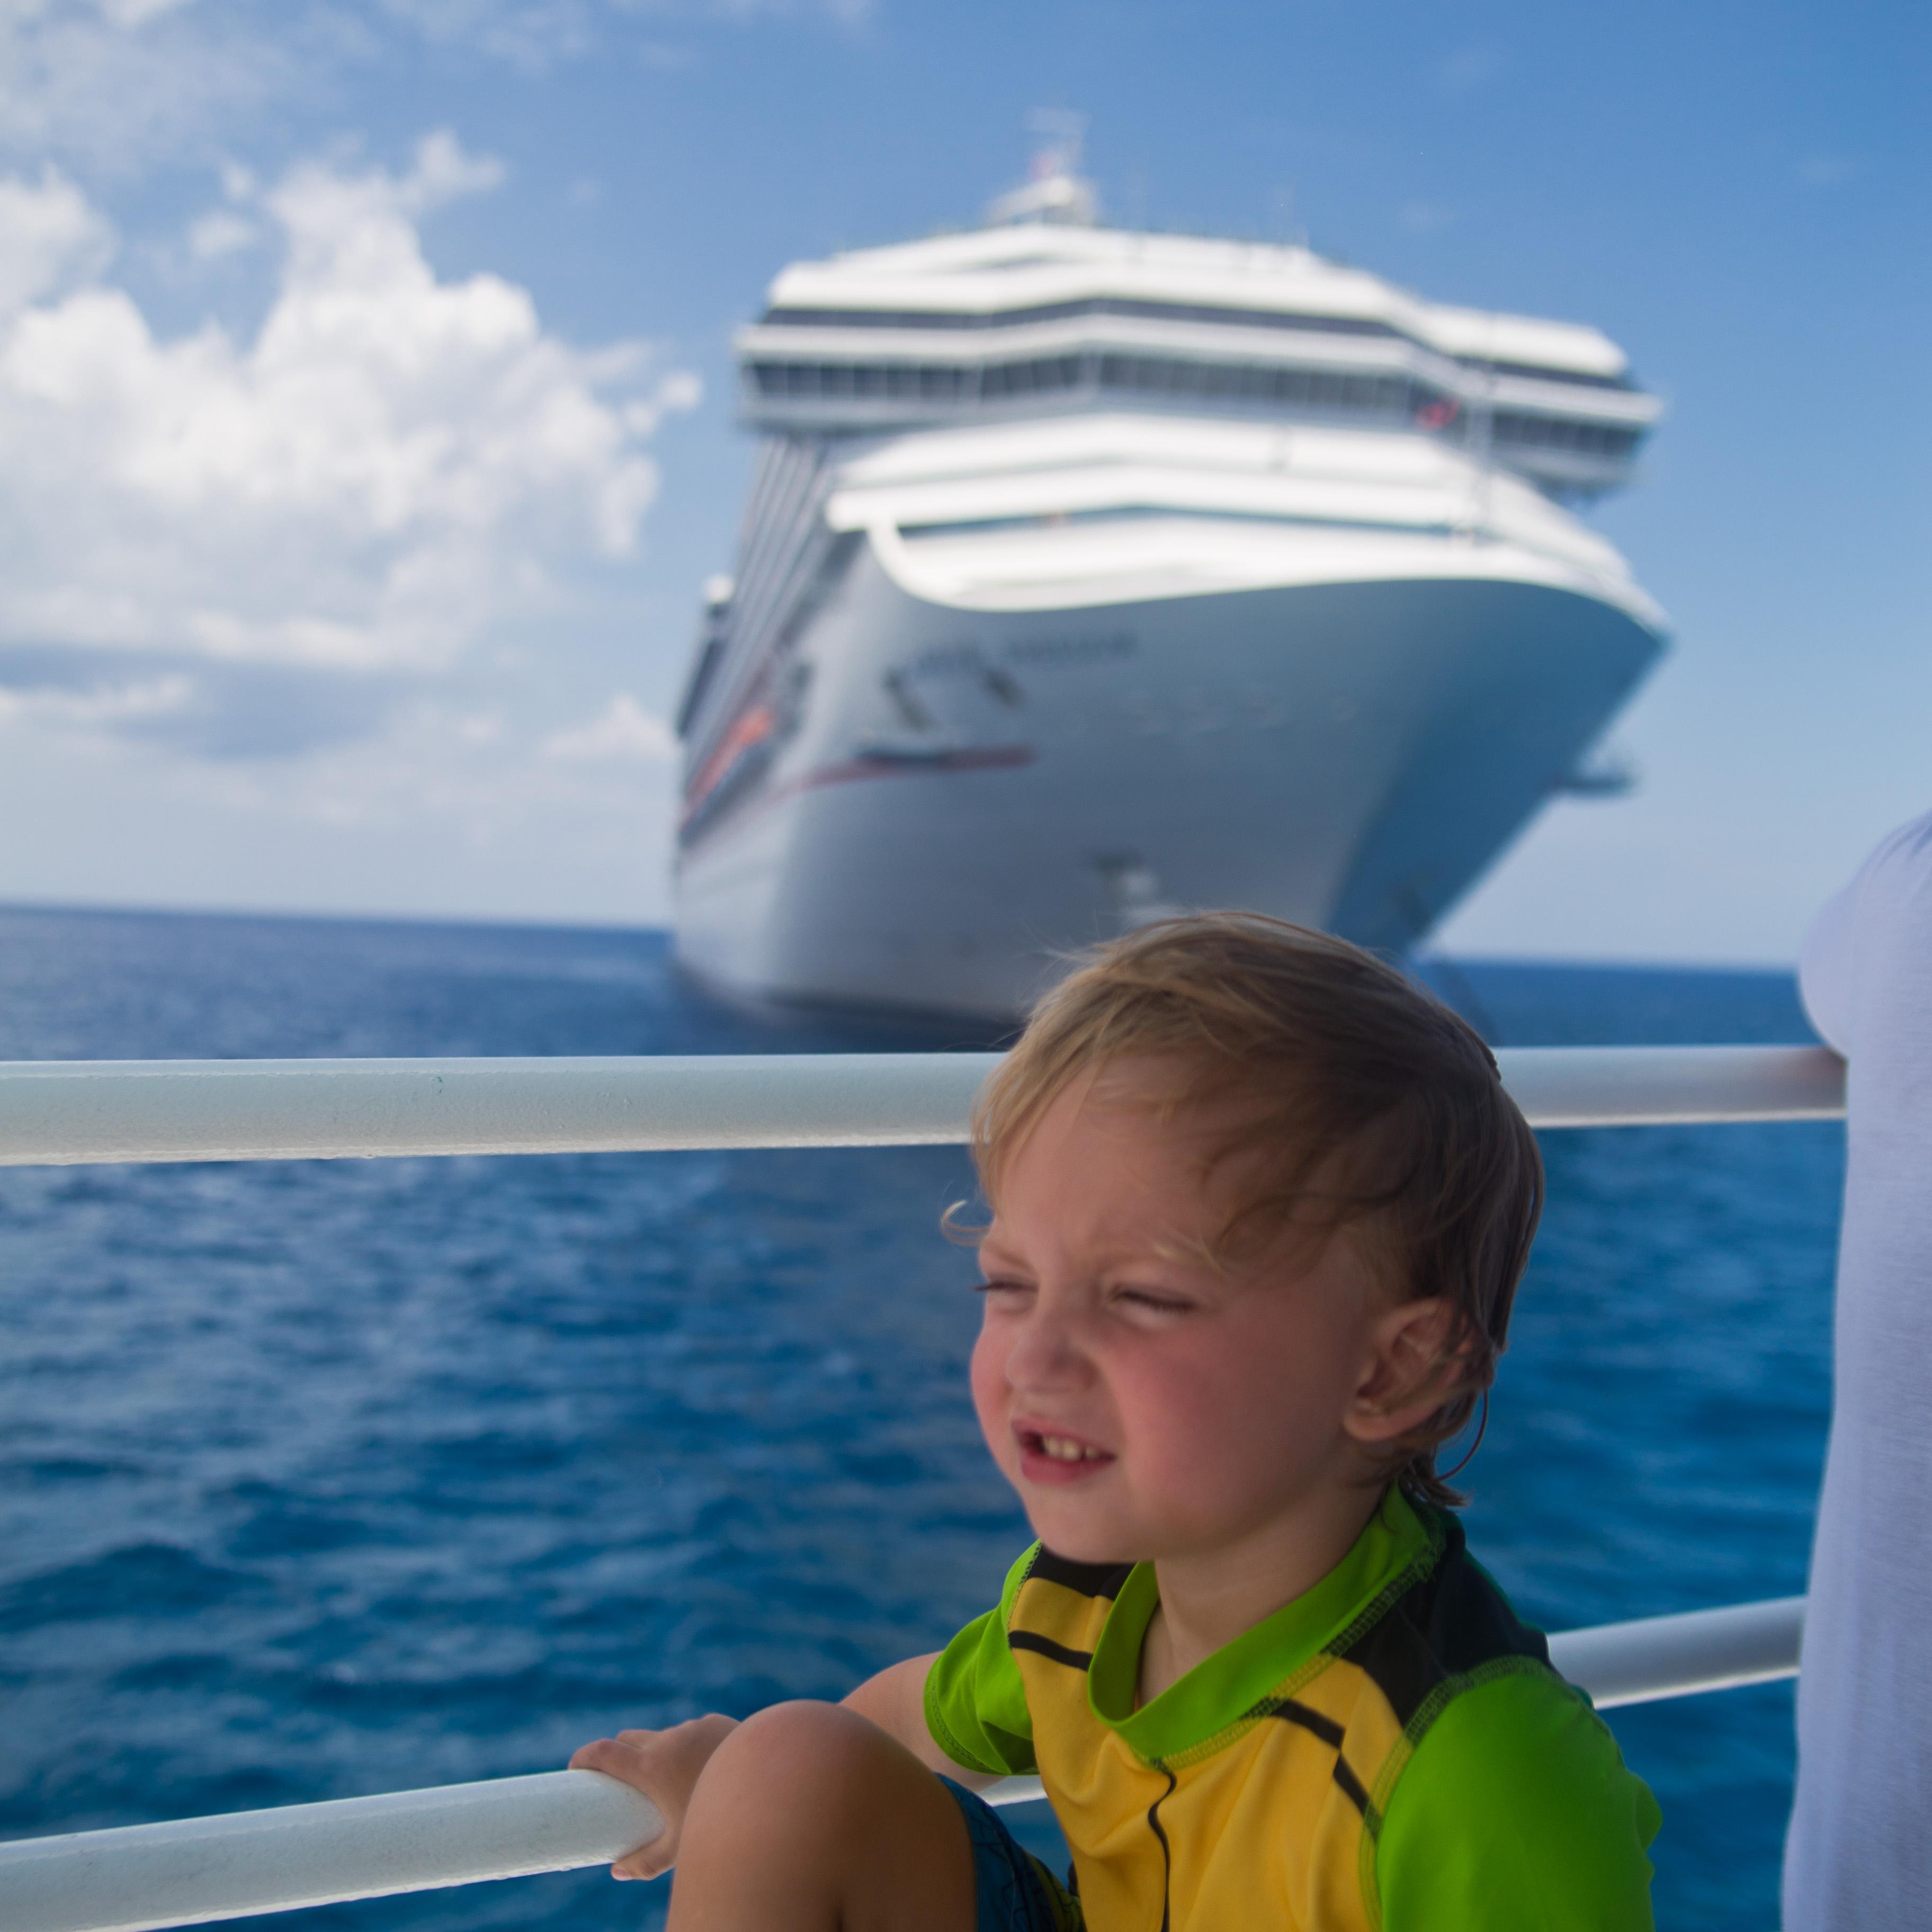 toddler on cruise